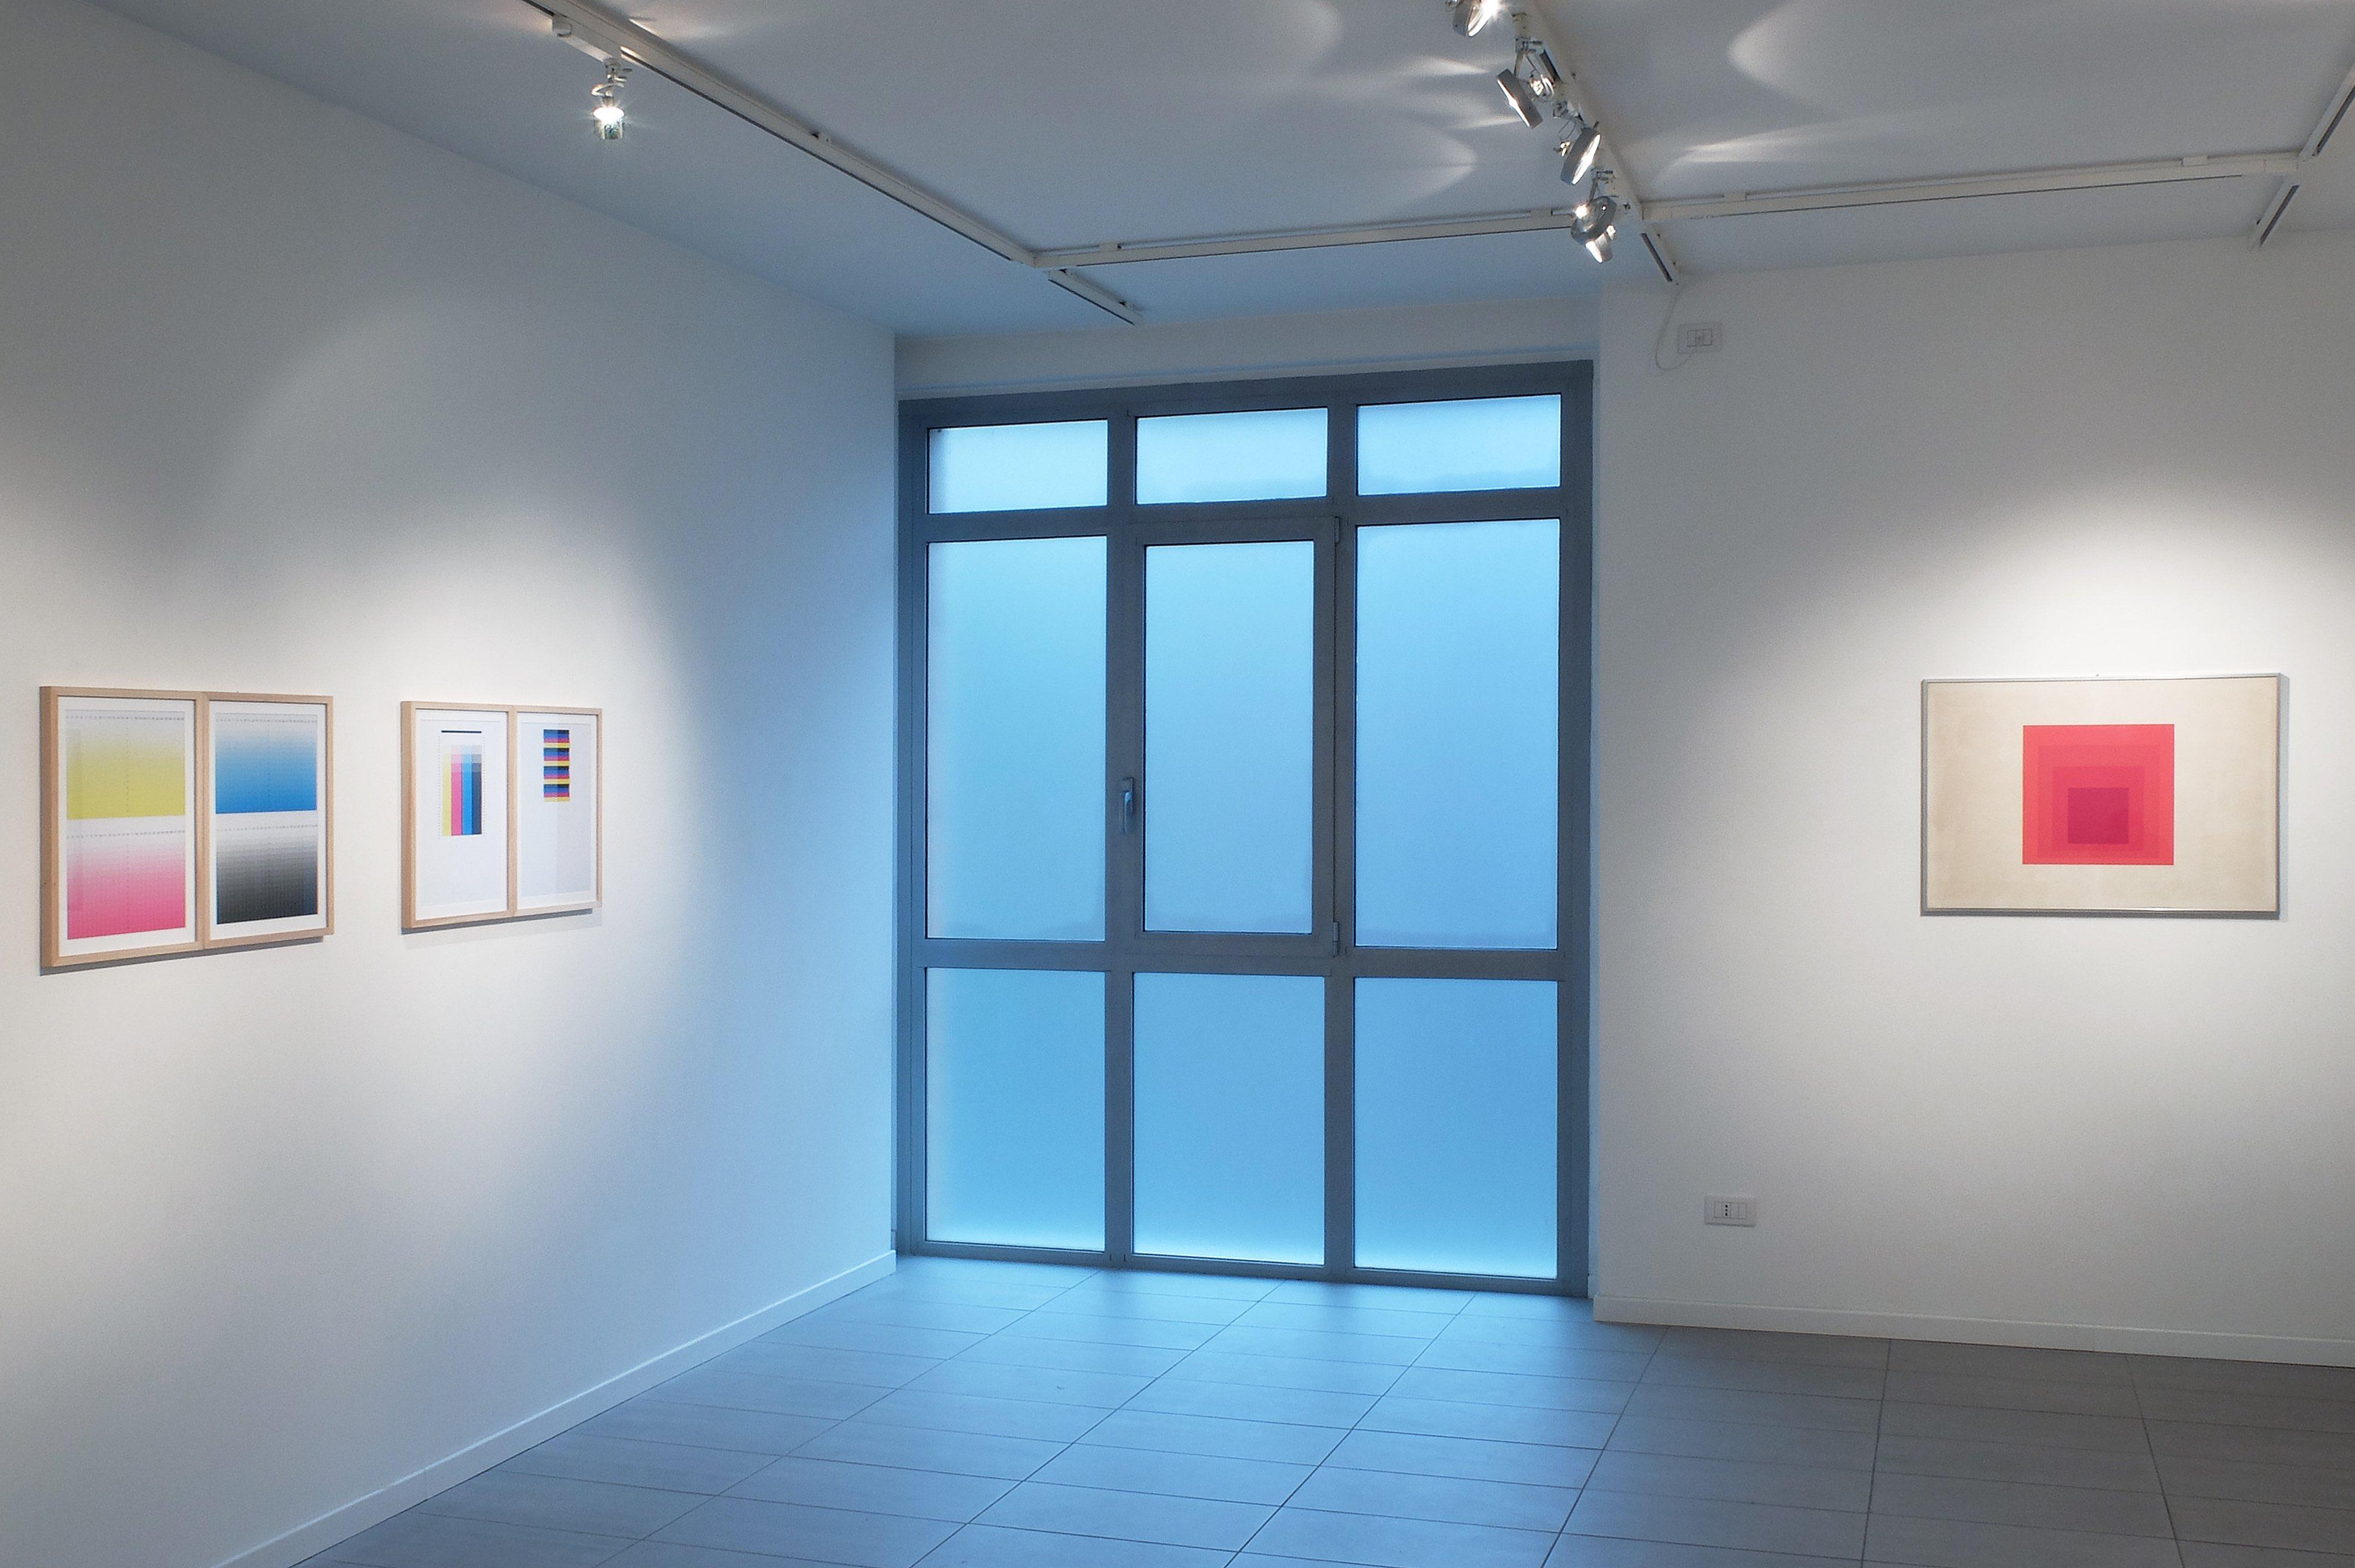 Es geht einfach um Nummern, installation view, galleria Metronom, 2015